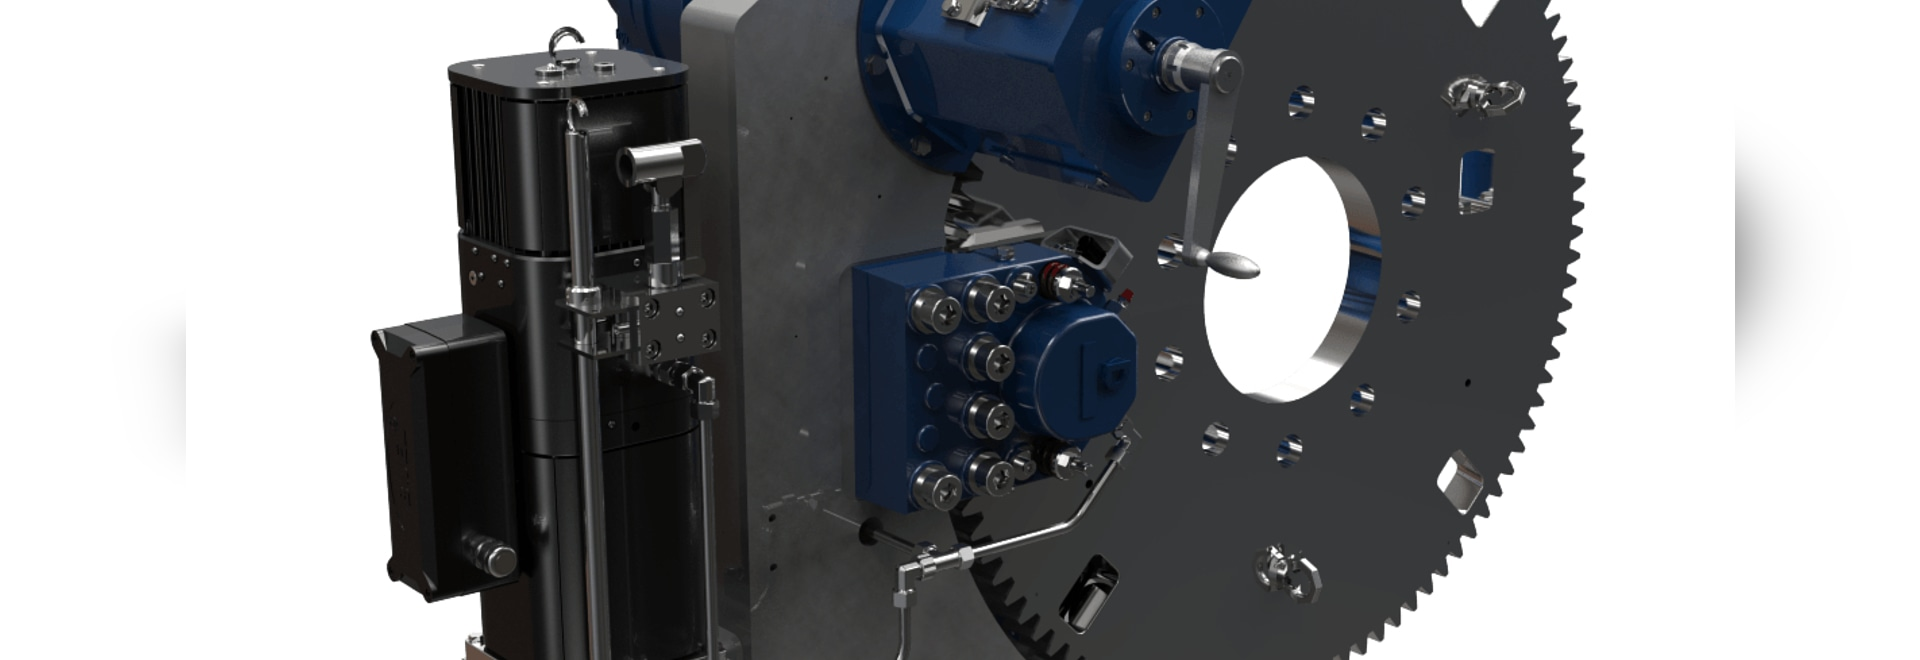 Dellner pour présenter le nouveau circuit de freinage à SMM 2018